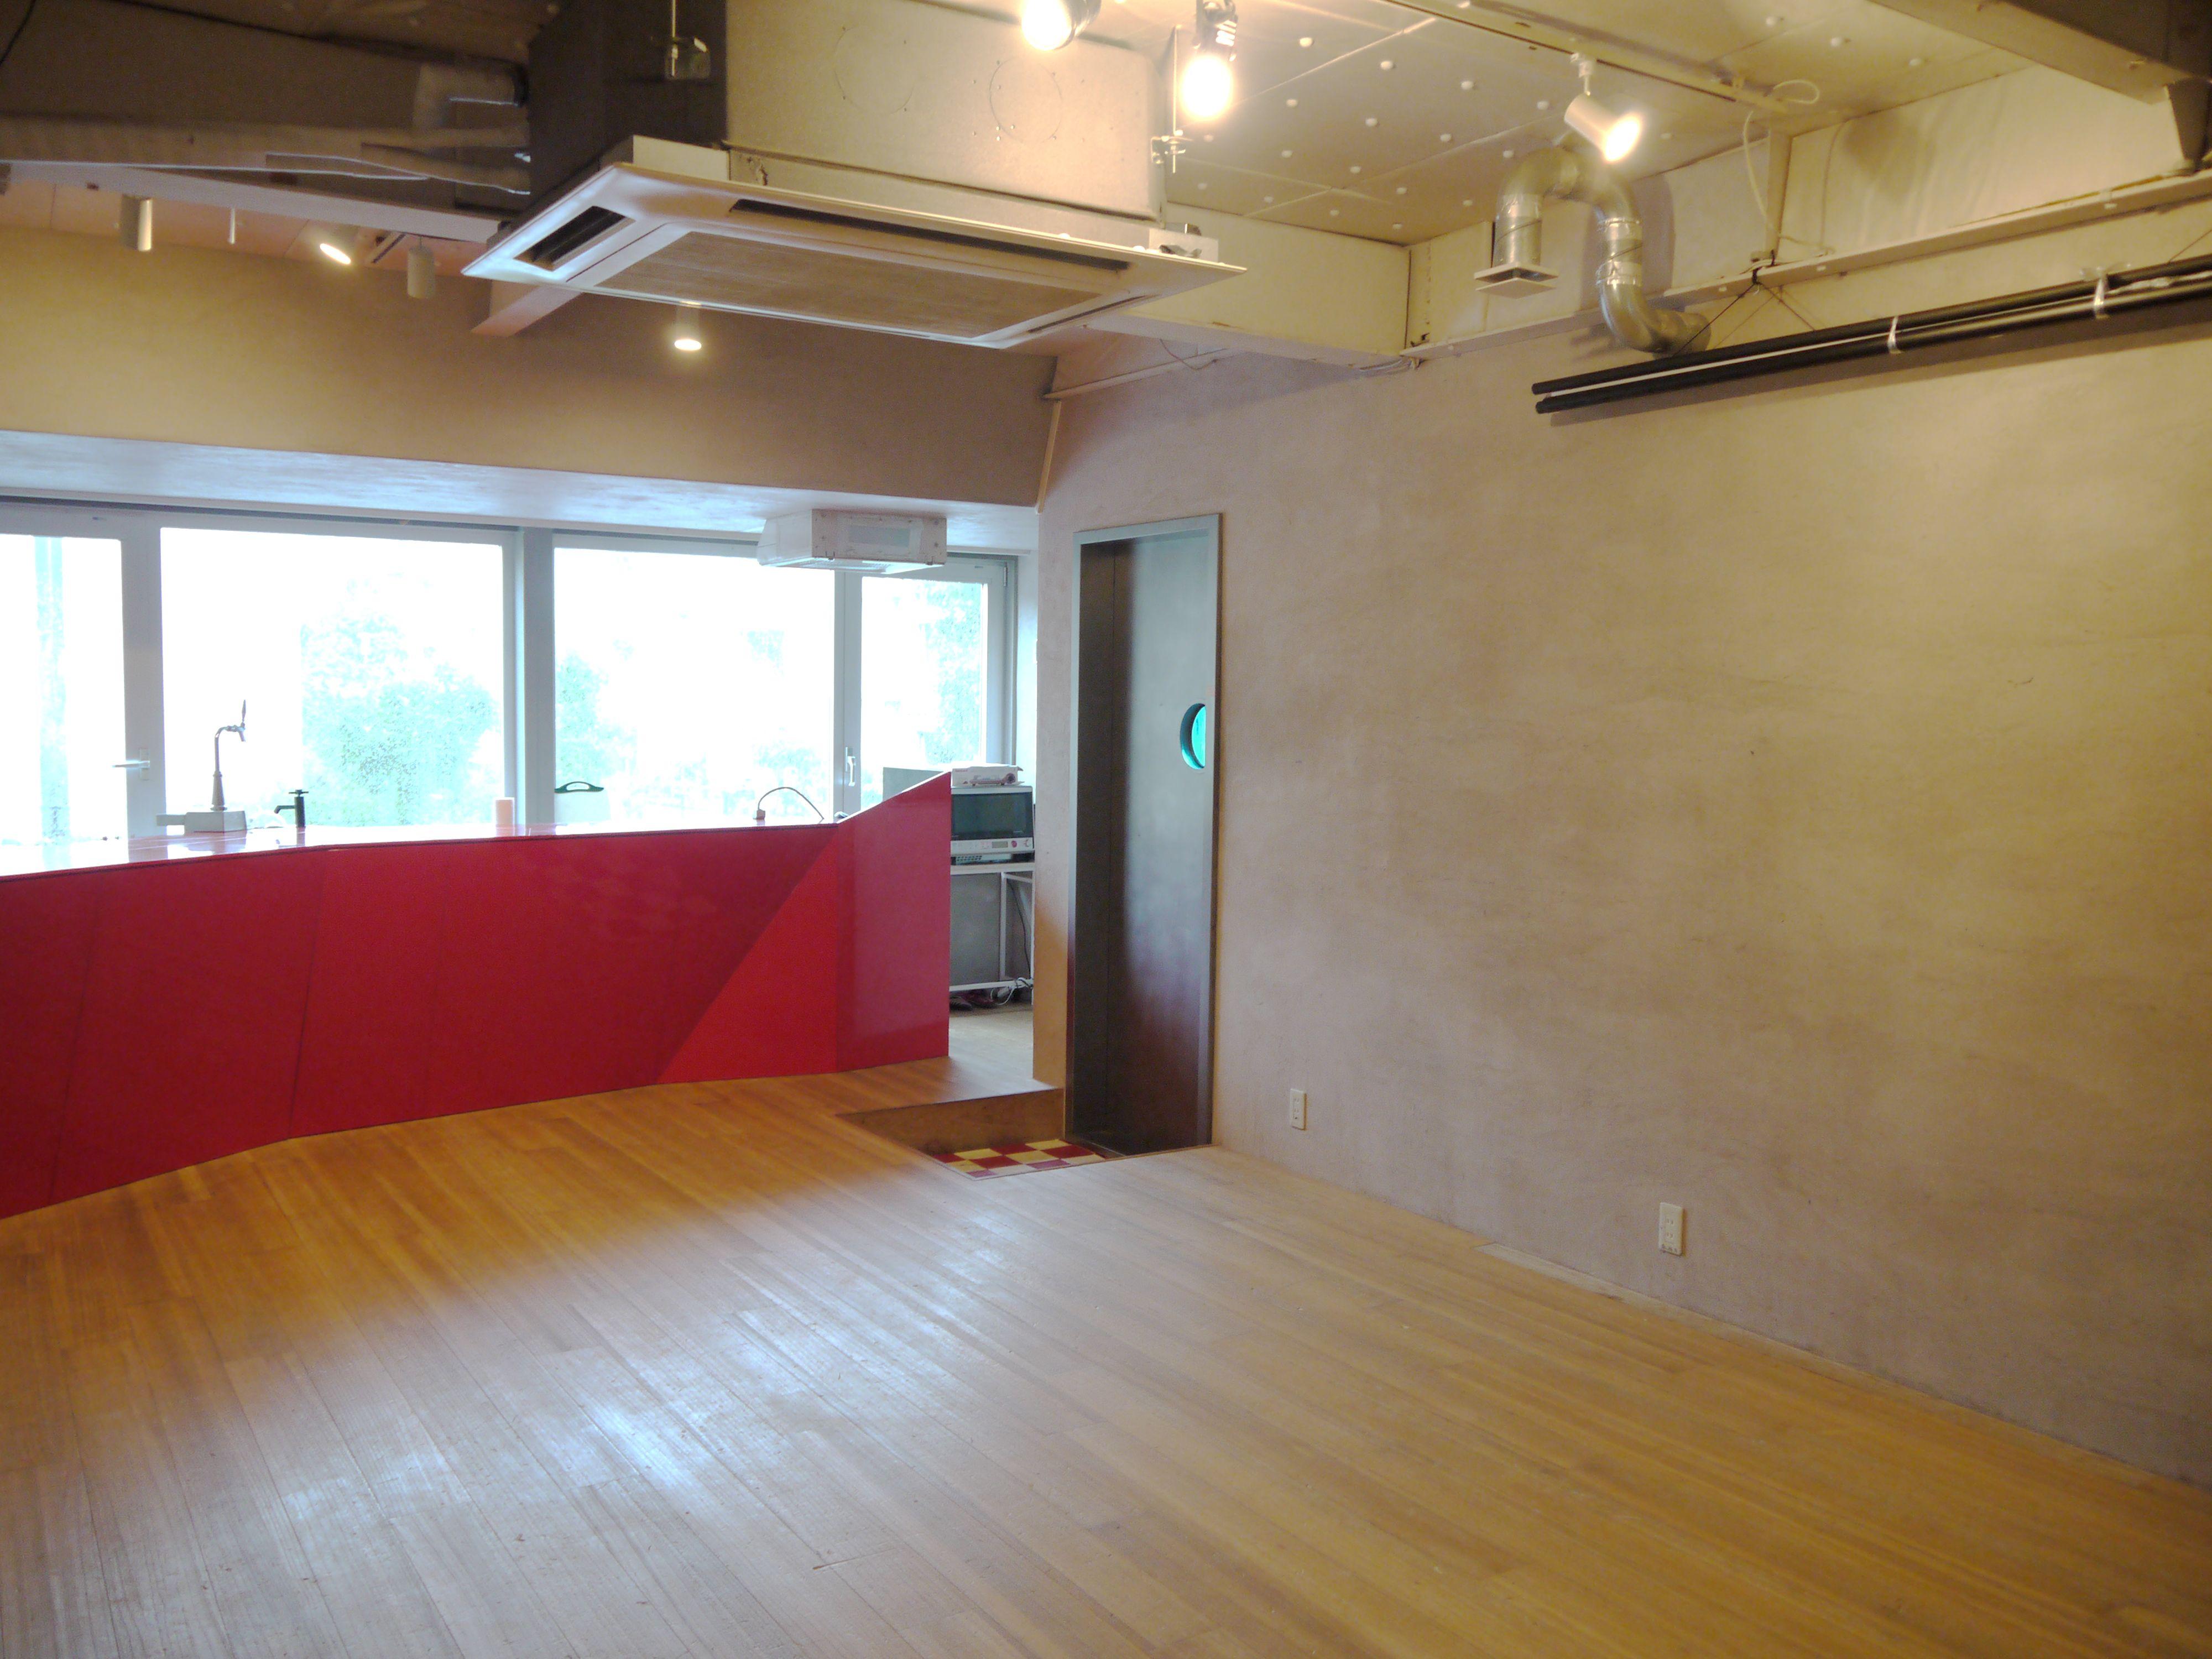 NEURO CAFE TOKYOスペース内 htt...